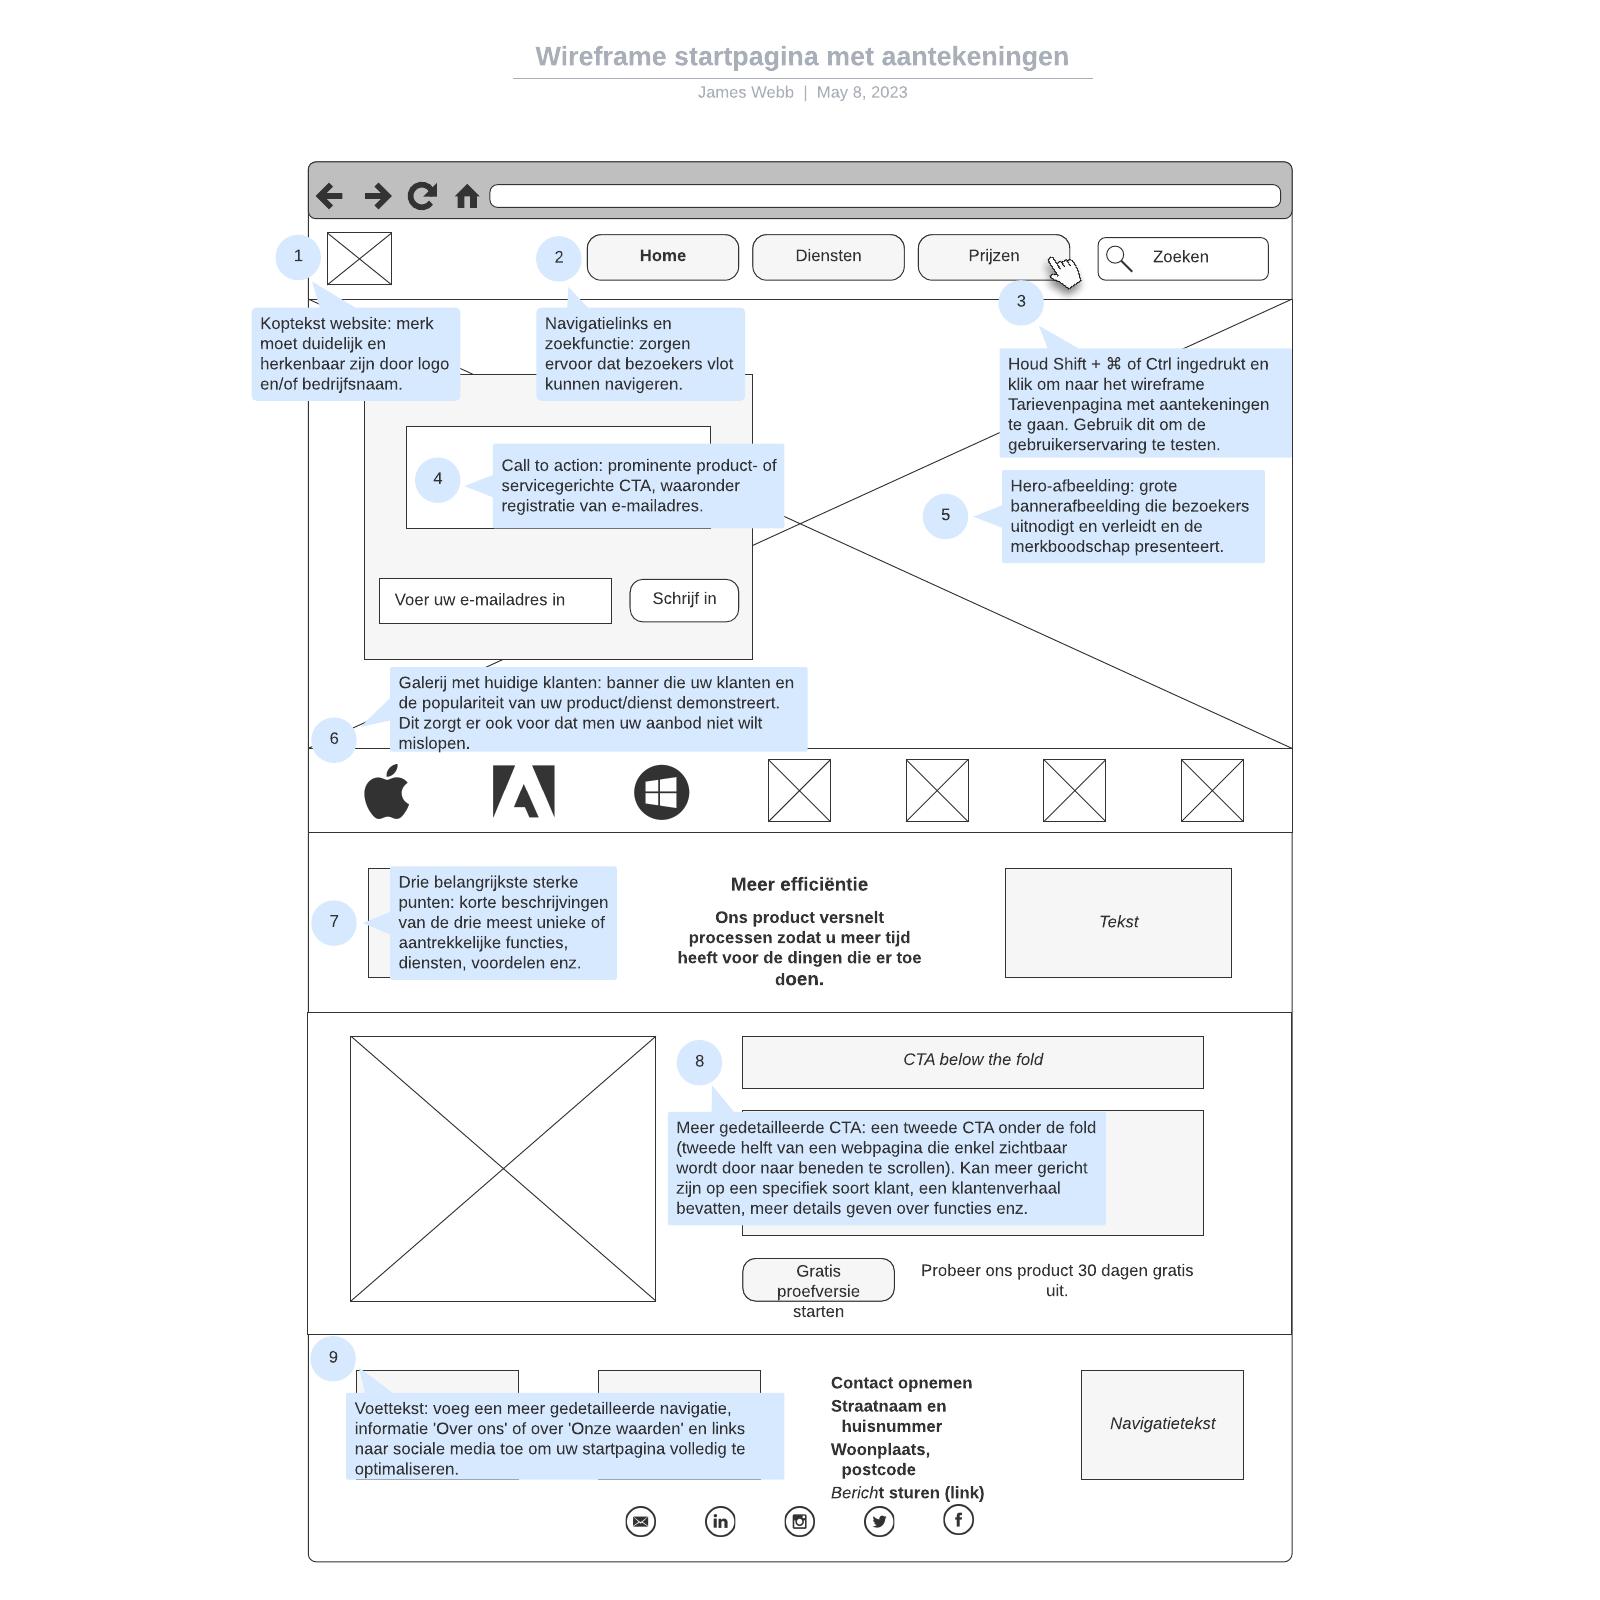 Wireframe startpagina met aantekeningen